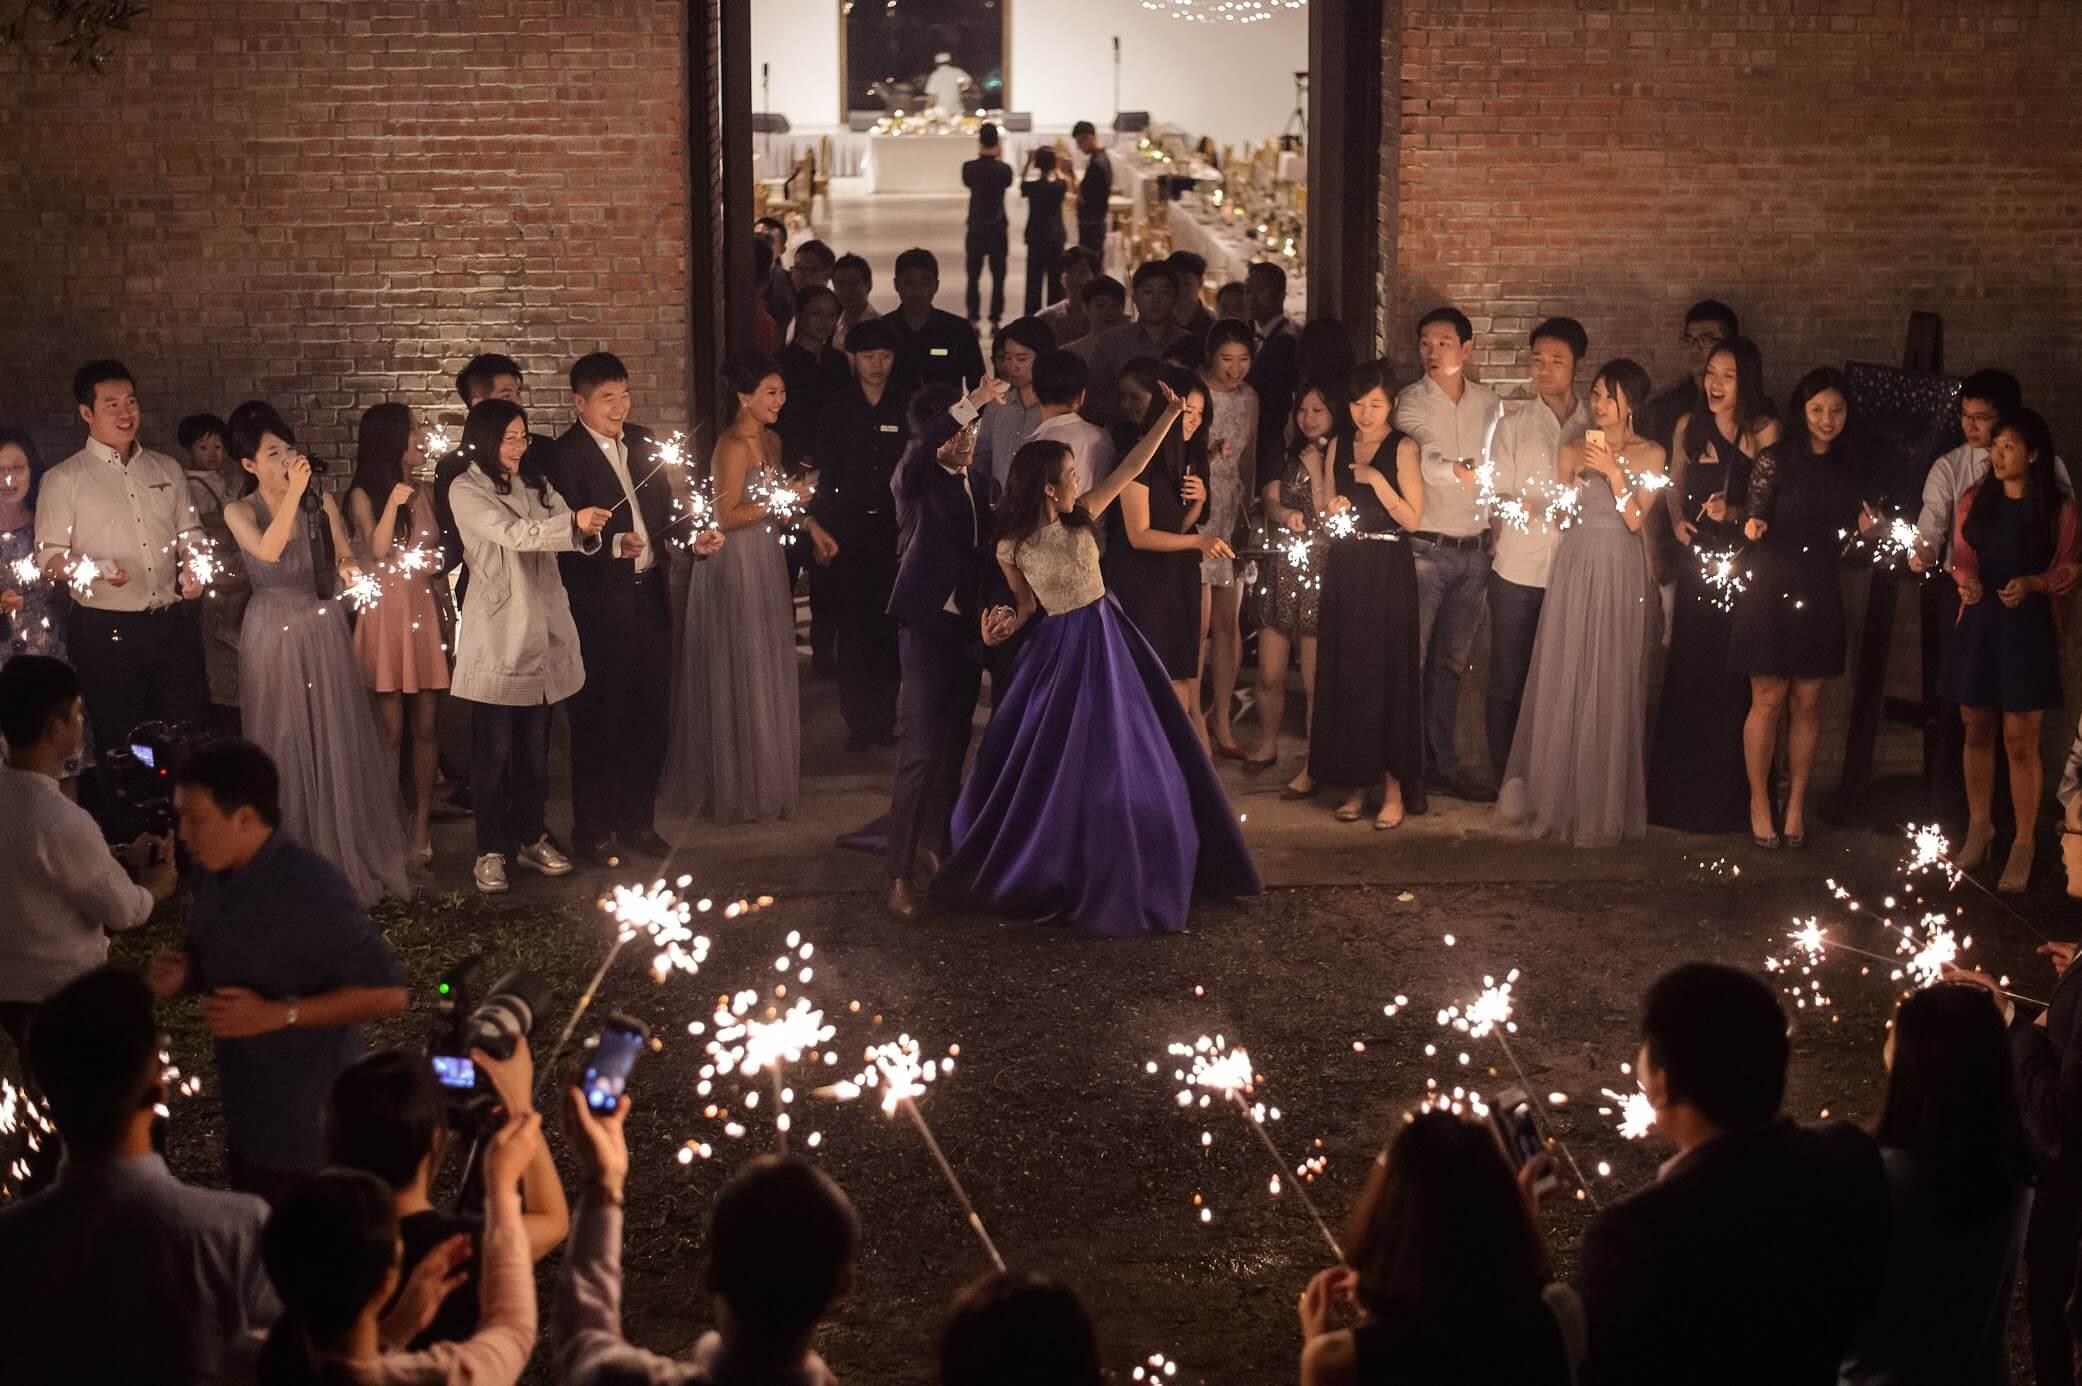 婚攝作品 | XIN & JILL@顏氏牧場婚禮紀錄